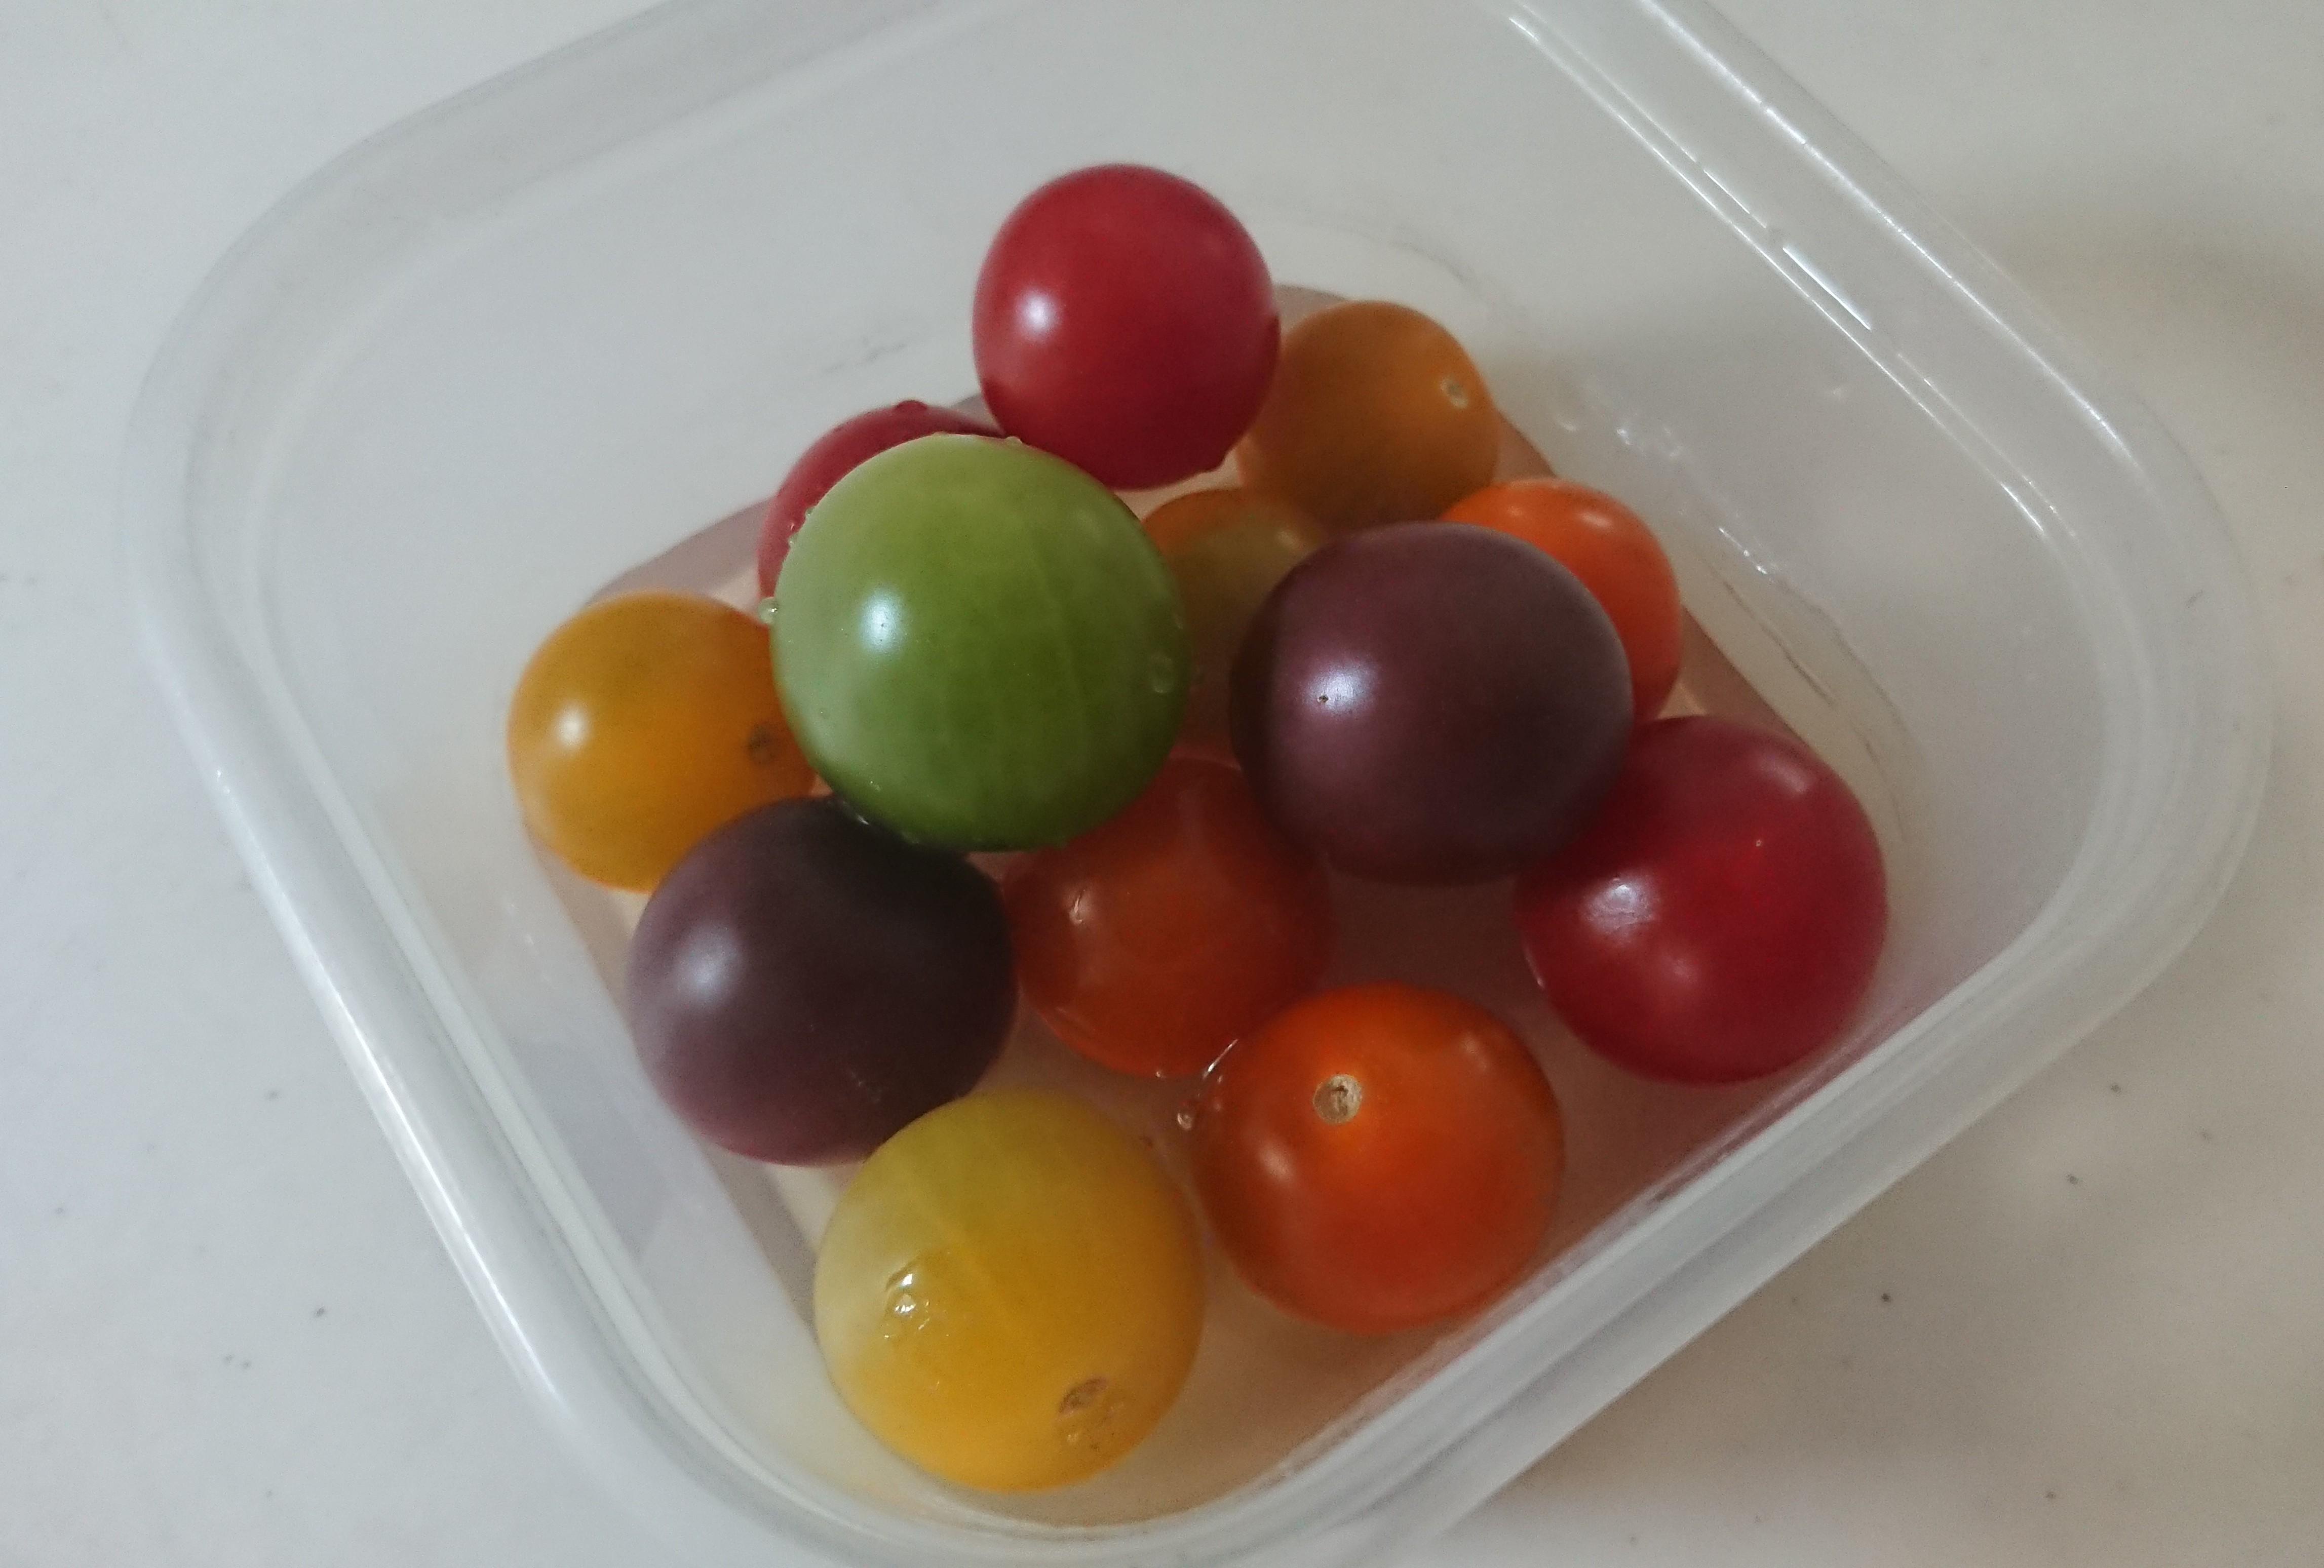 【美肌レシピ】トマト嫌いでも食べられる!まるでスイーツなミニトマト